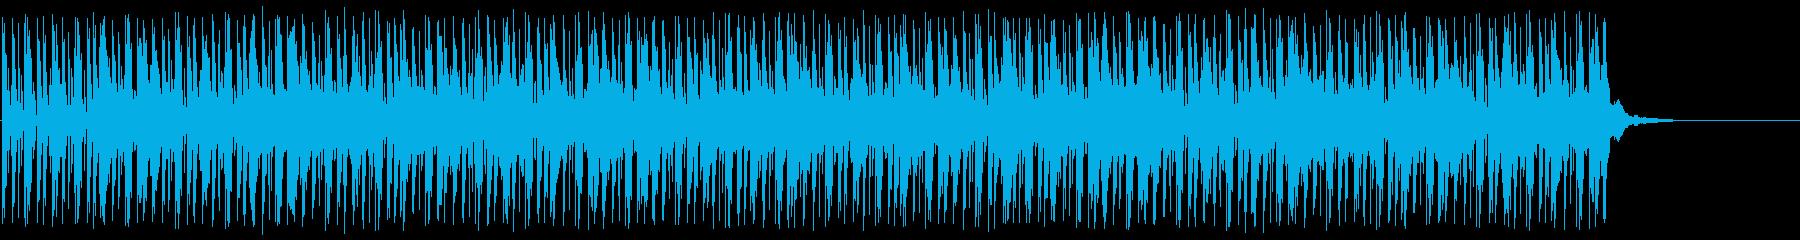 ジャングルでのワンシーンをイメージ。の再生済みの波形